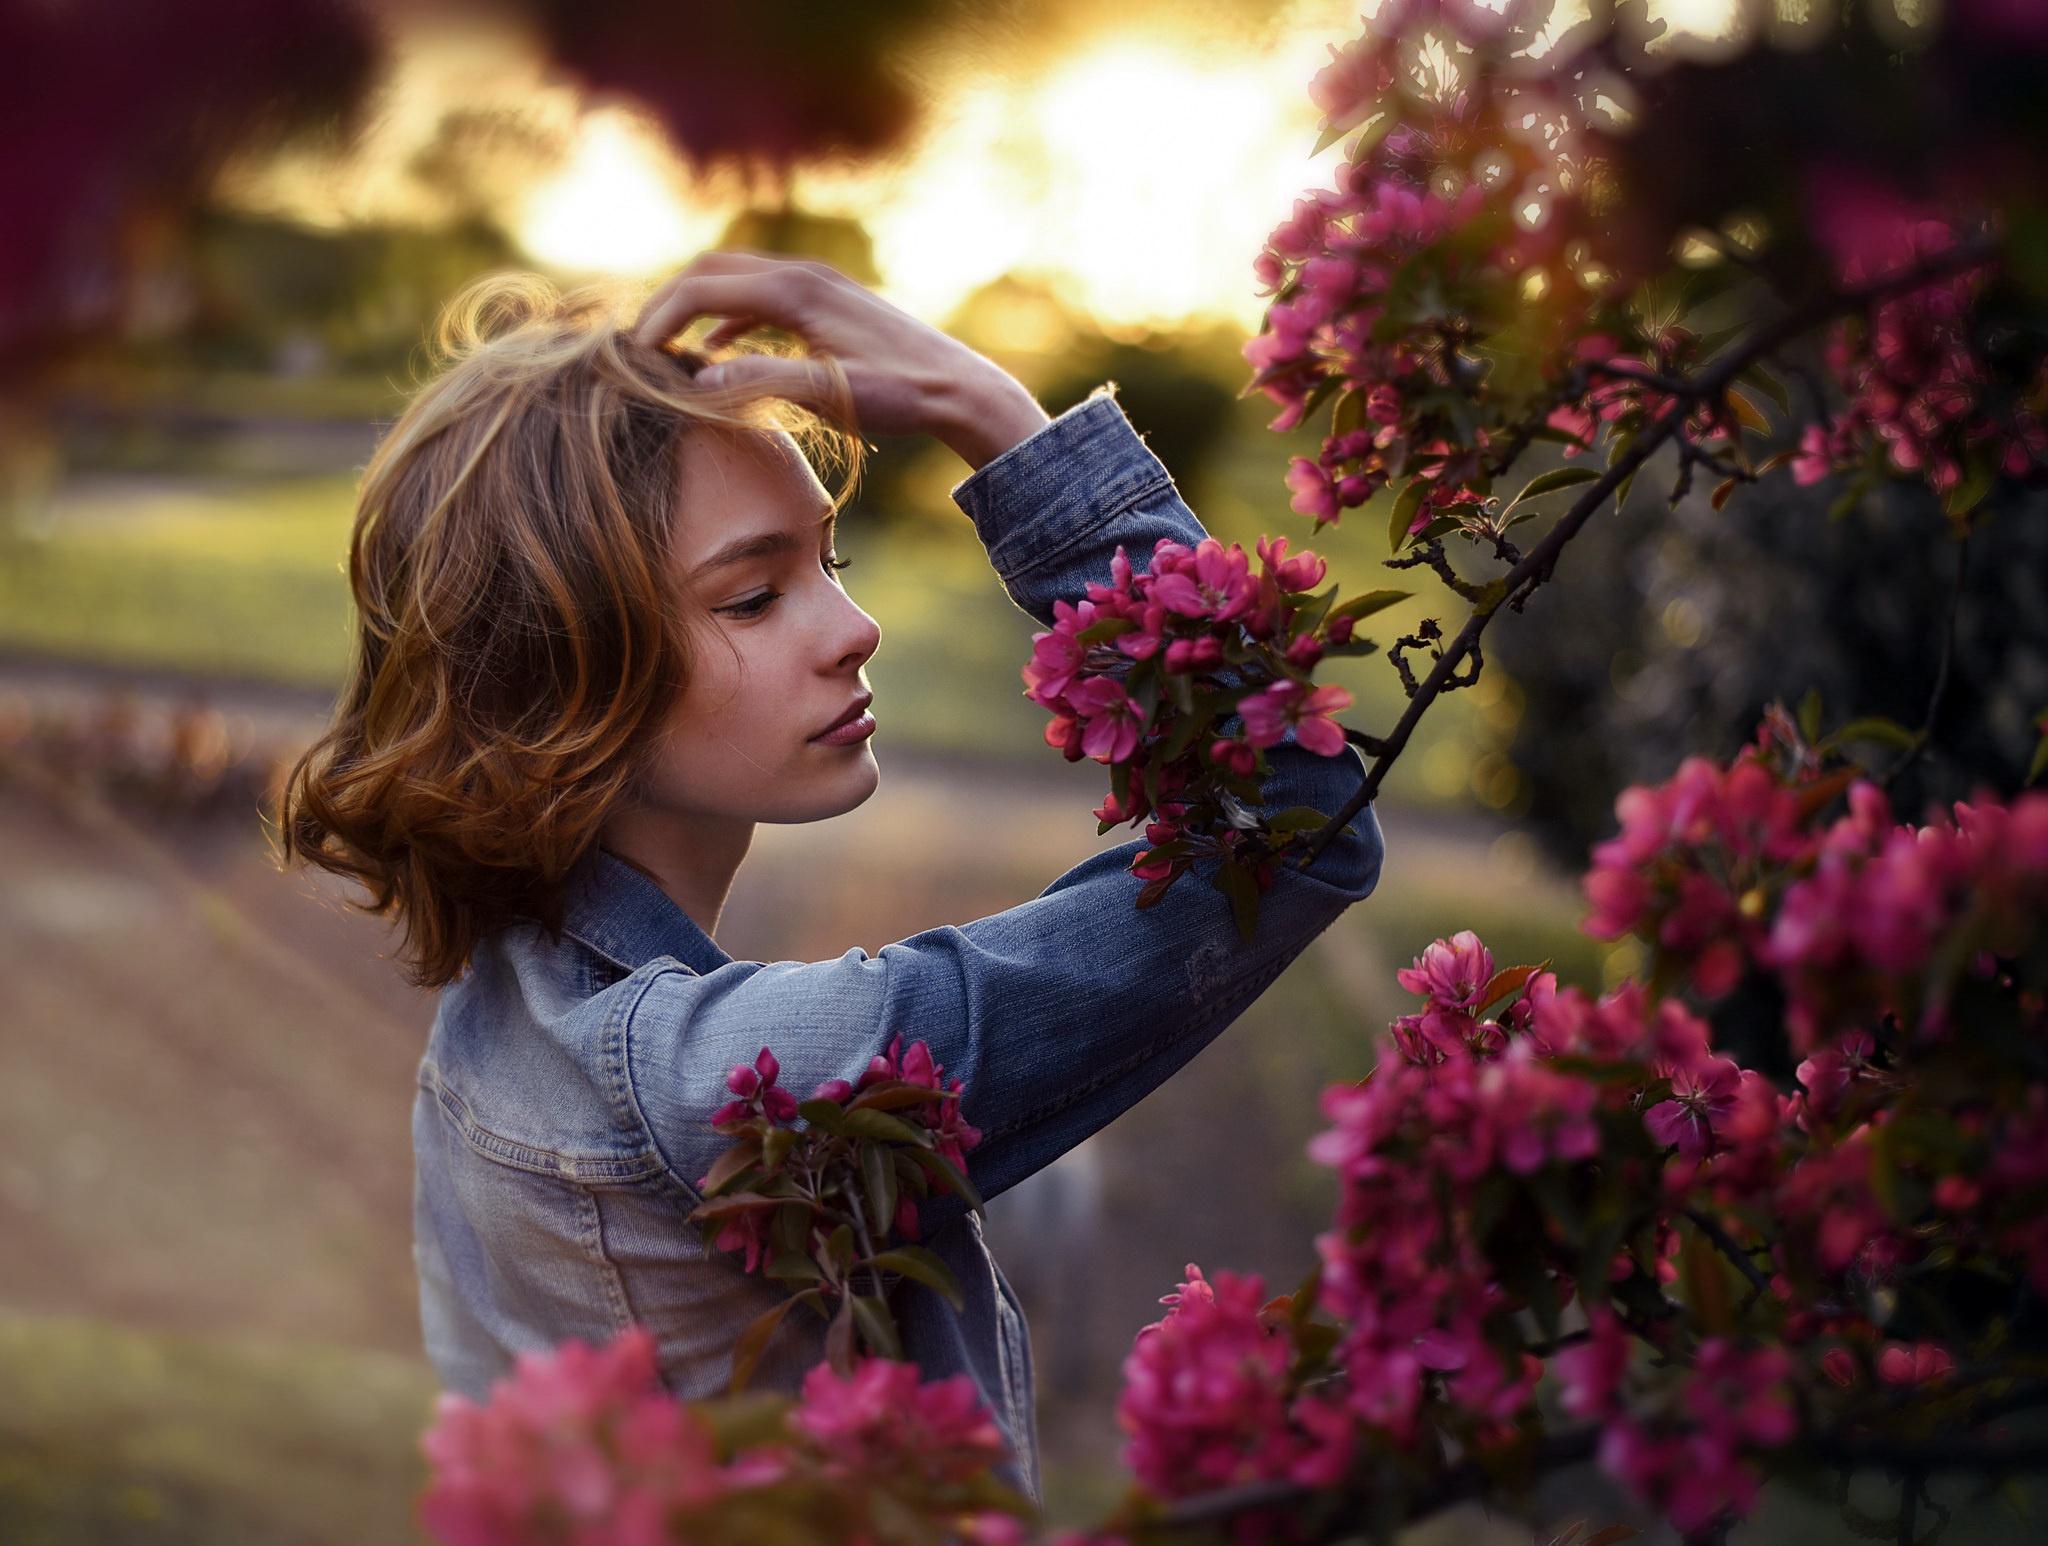 Картинки красивые девушки в саду